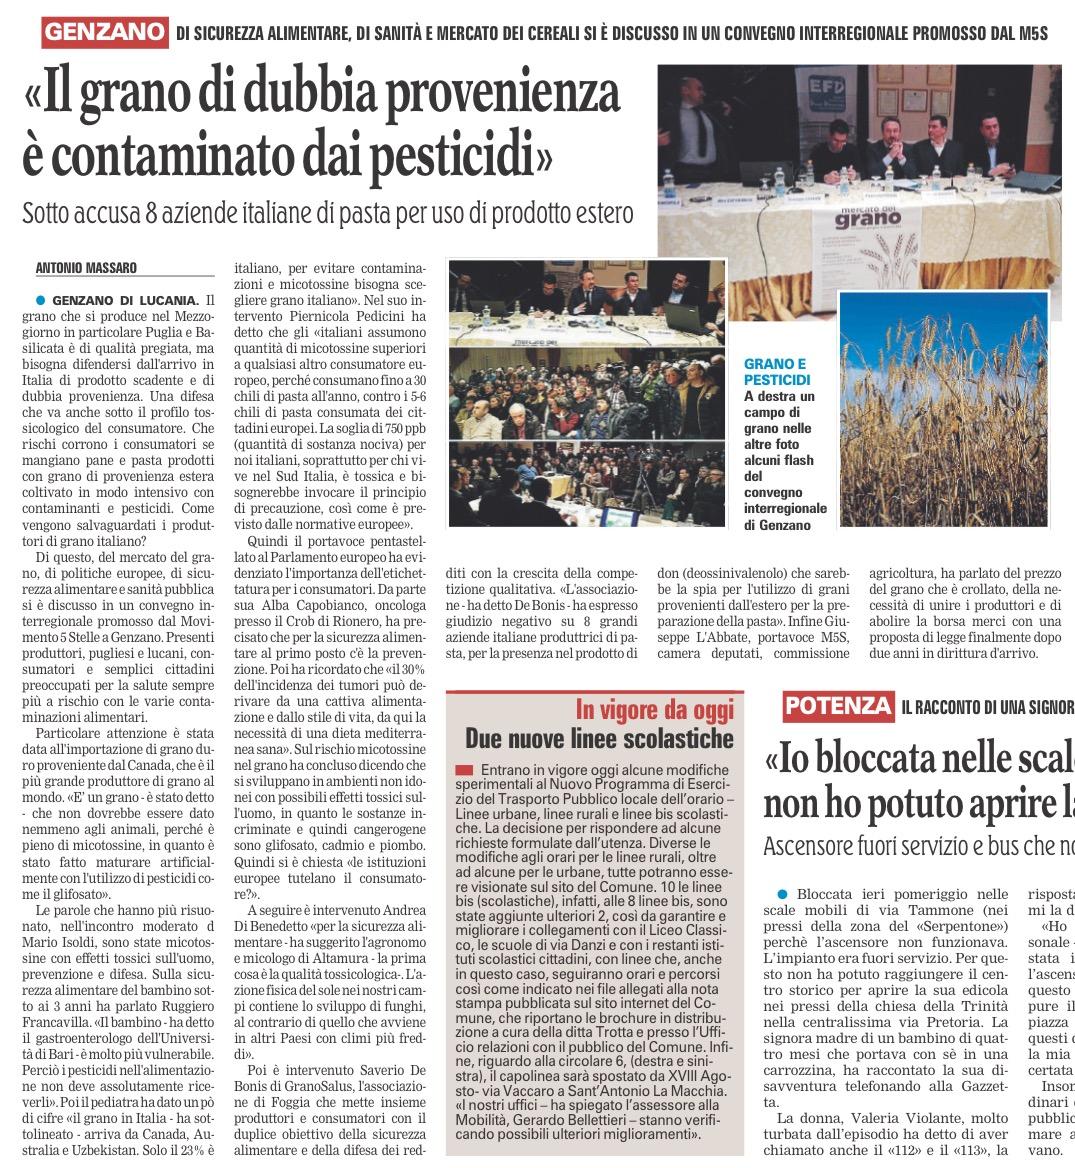 La Gazzetta del Mezzogiorno - 14.03.2017